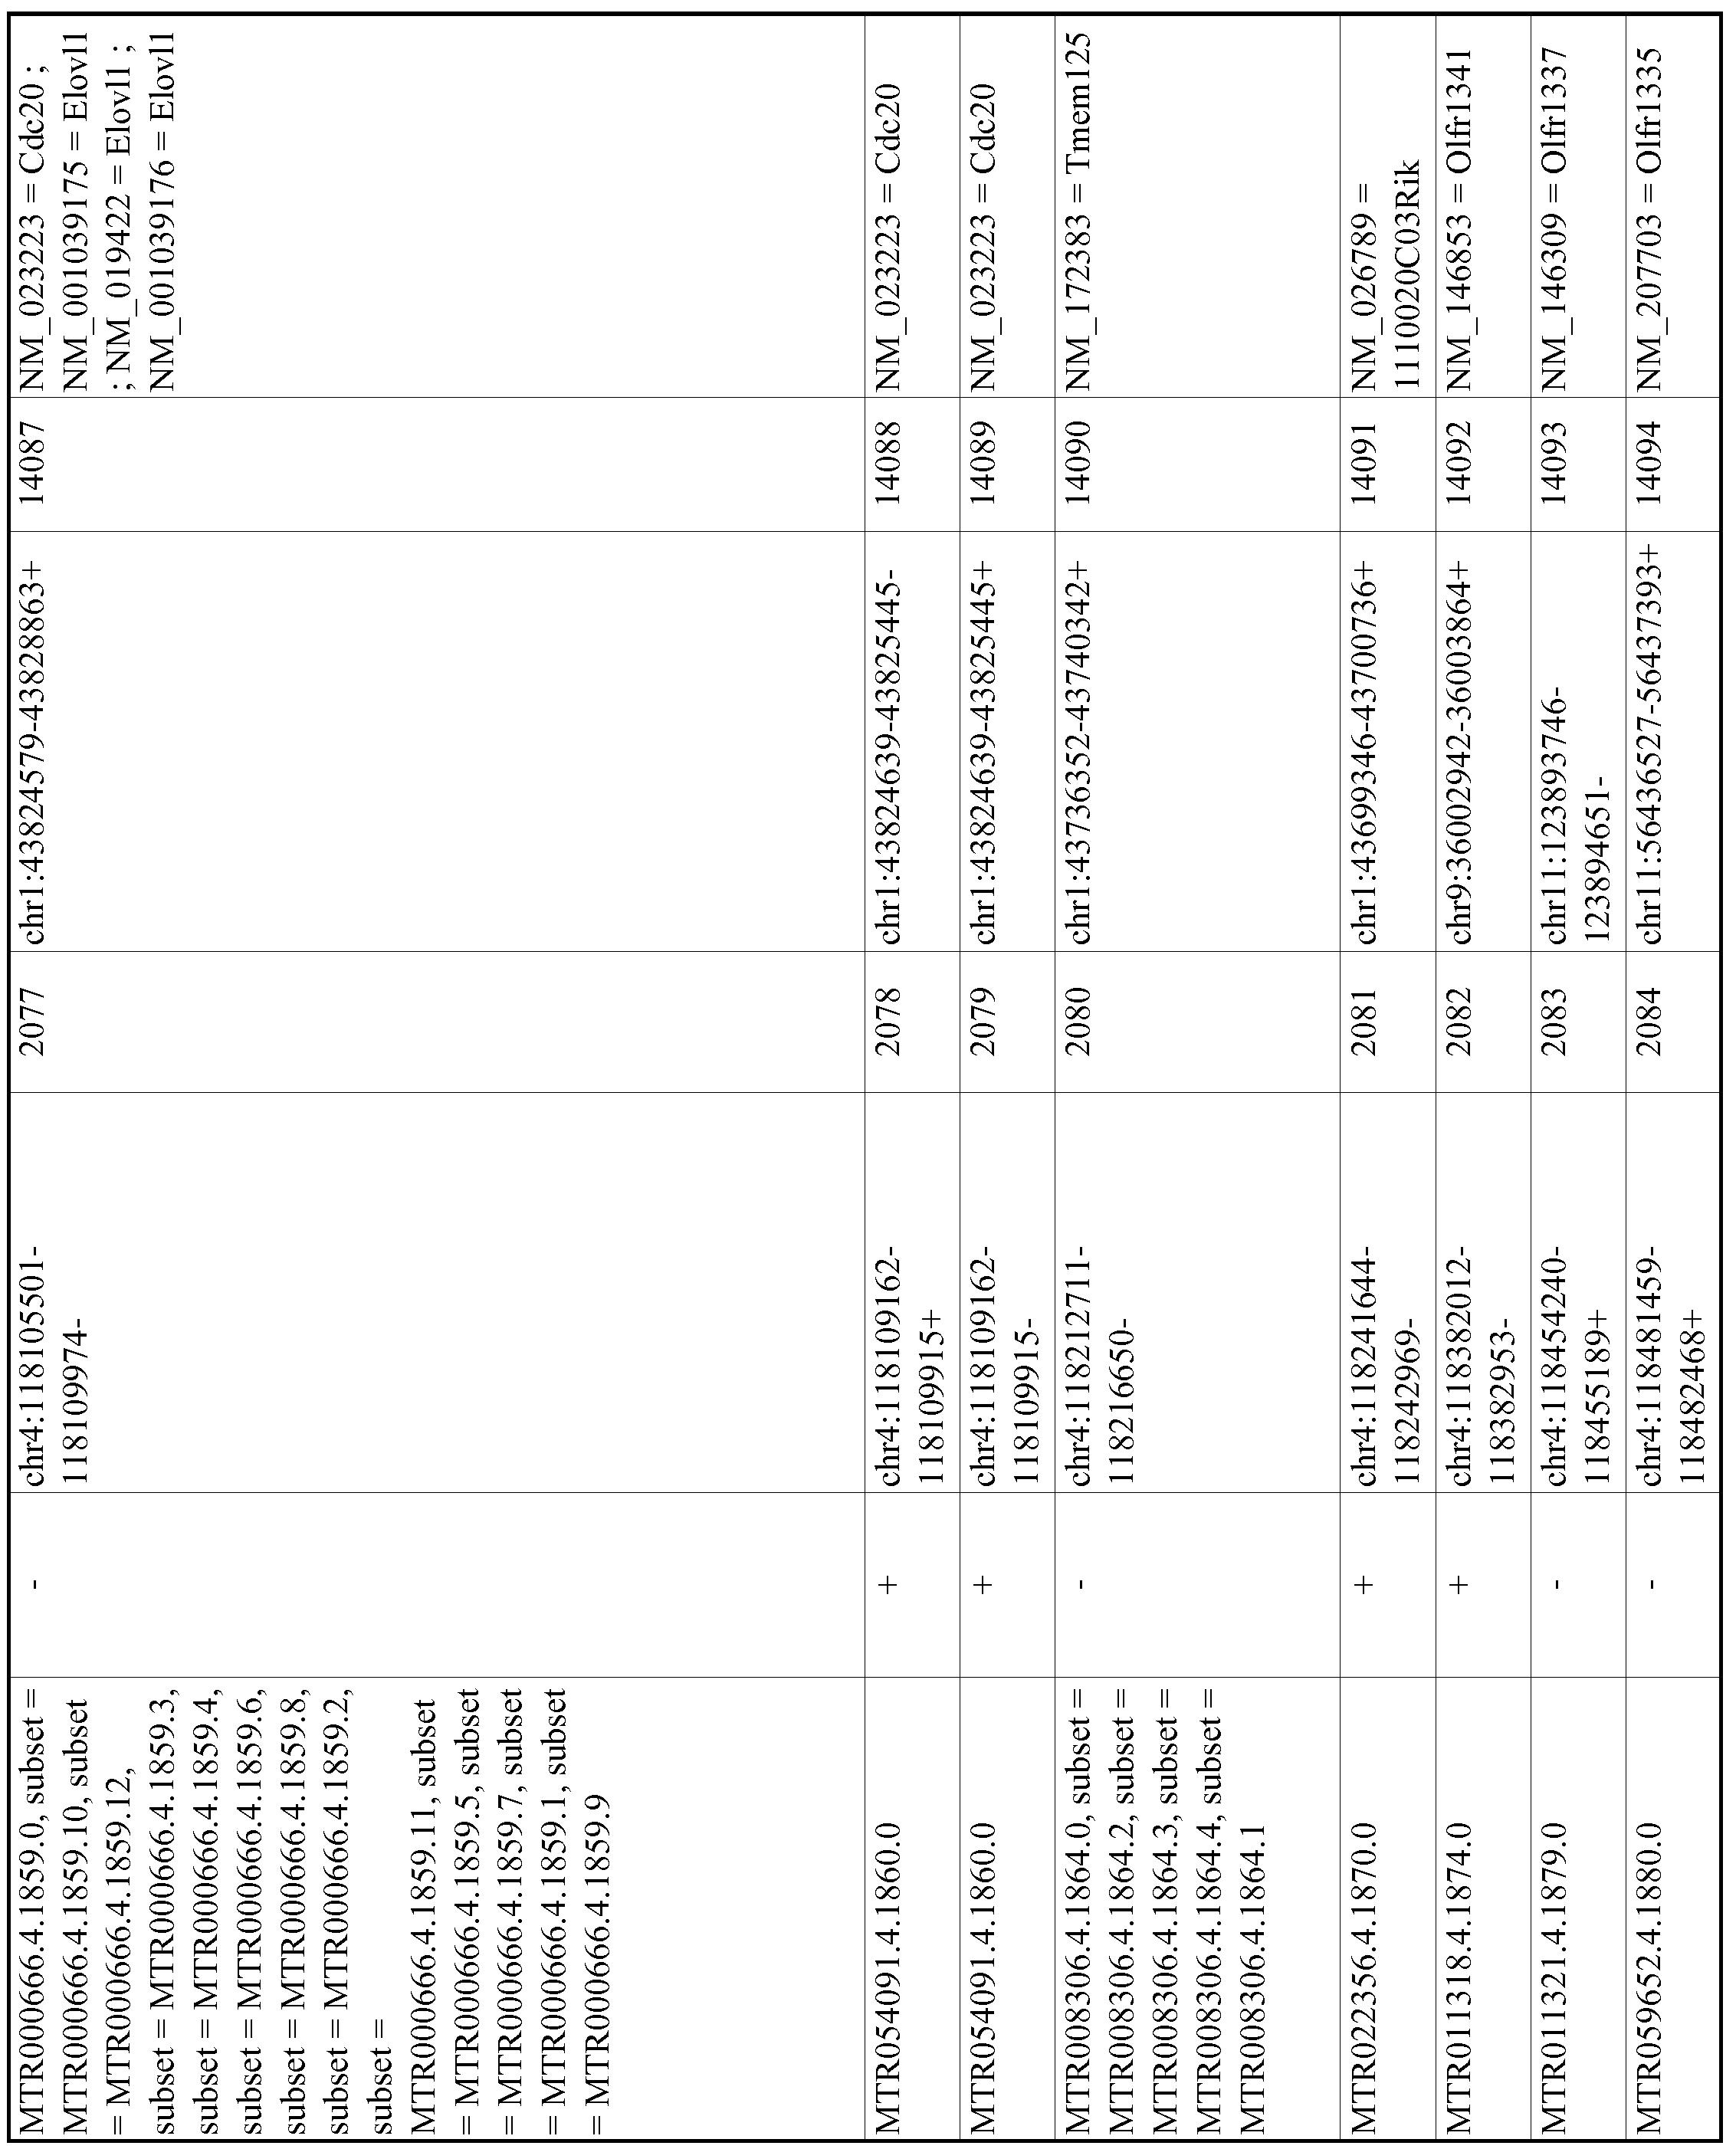 Figure imgf000478_0001